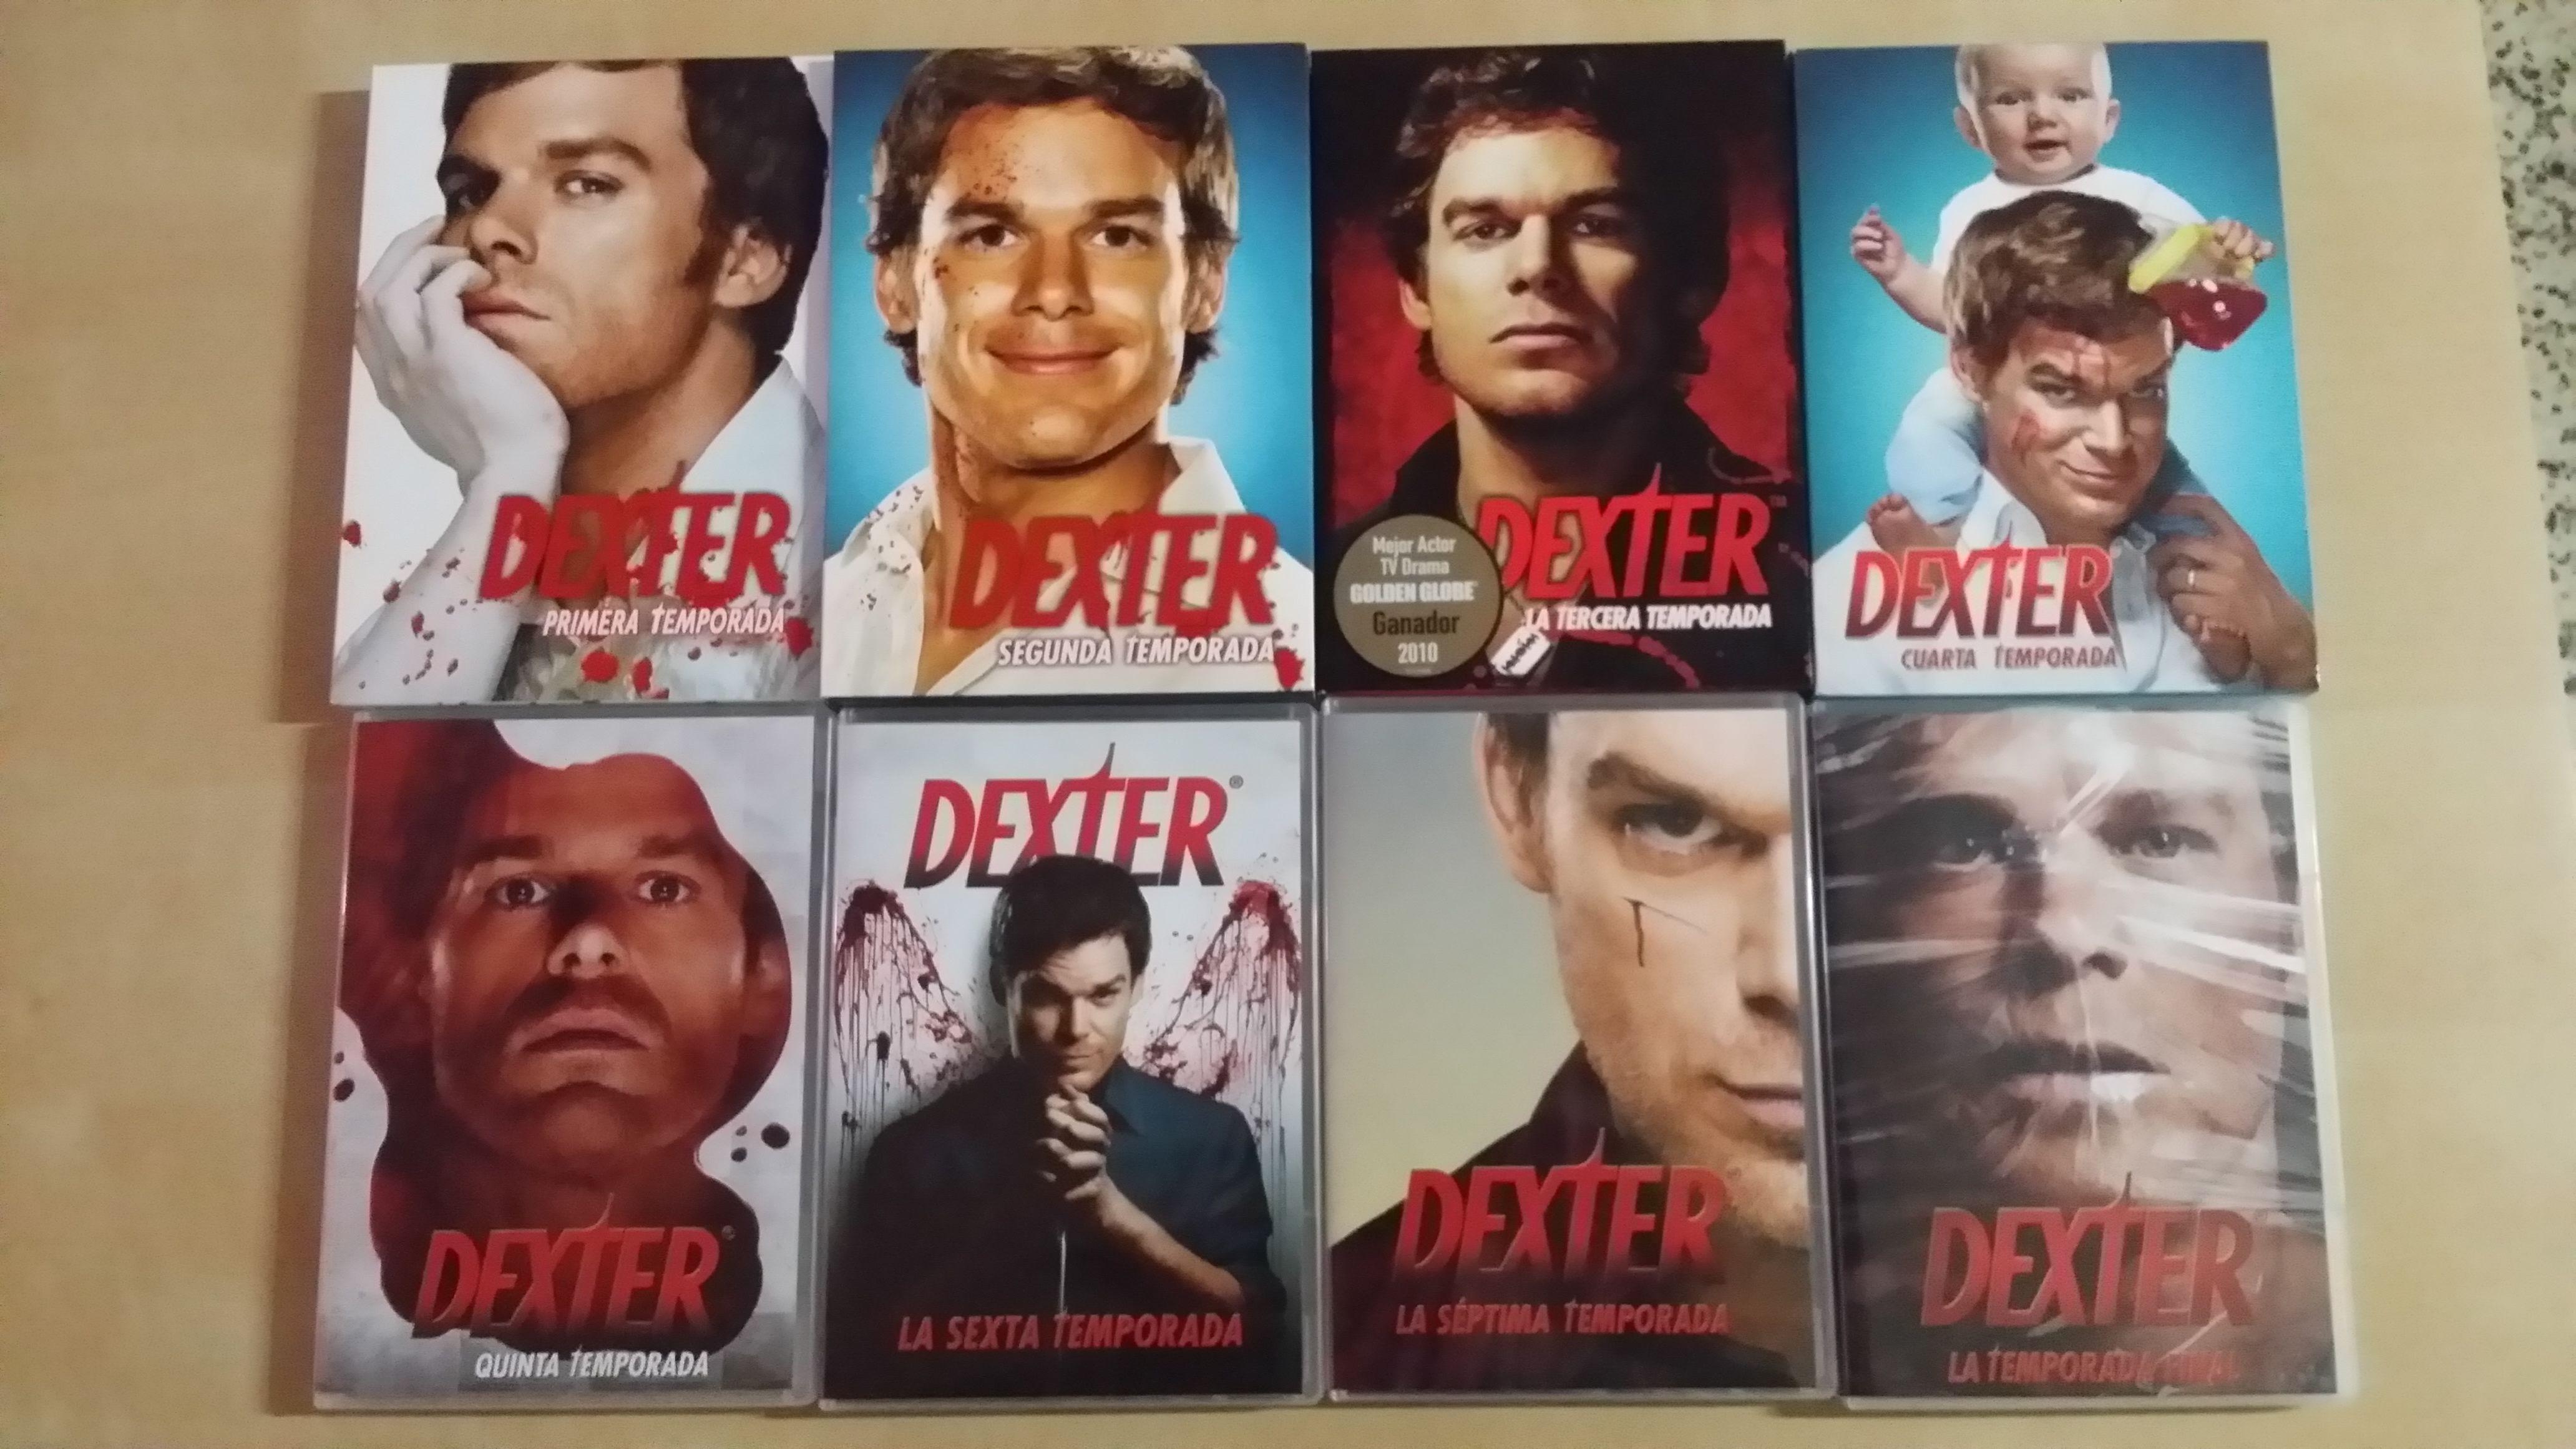 Dexter-Serie completa DVD   Colección de Películas y Series en ...